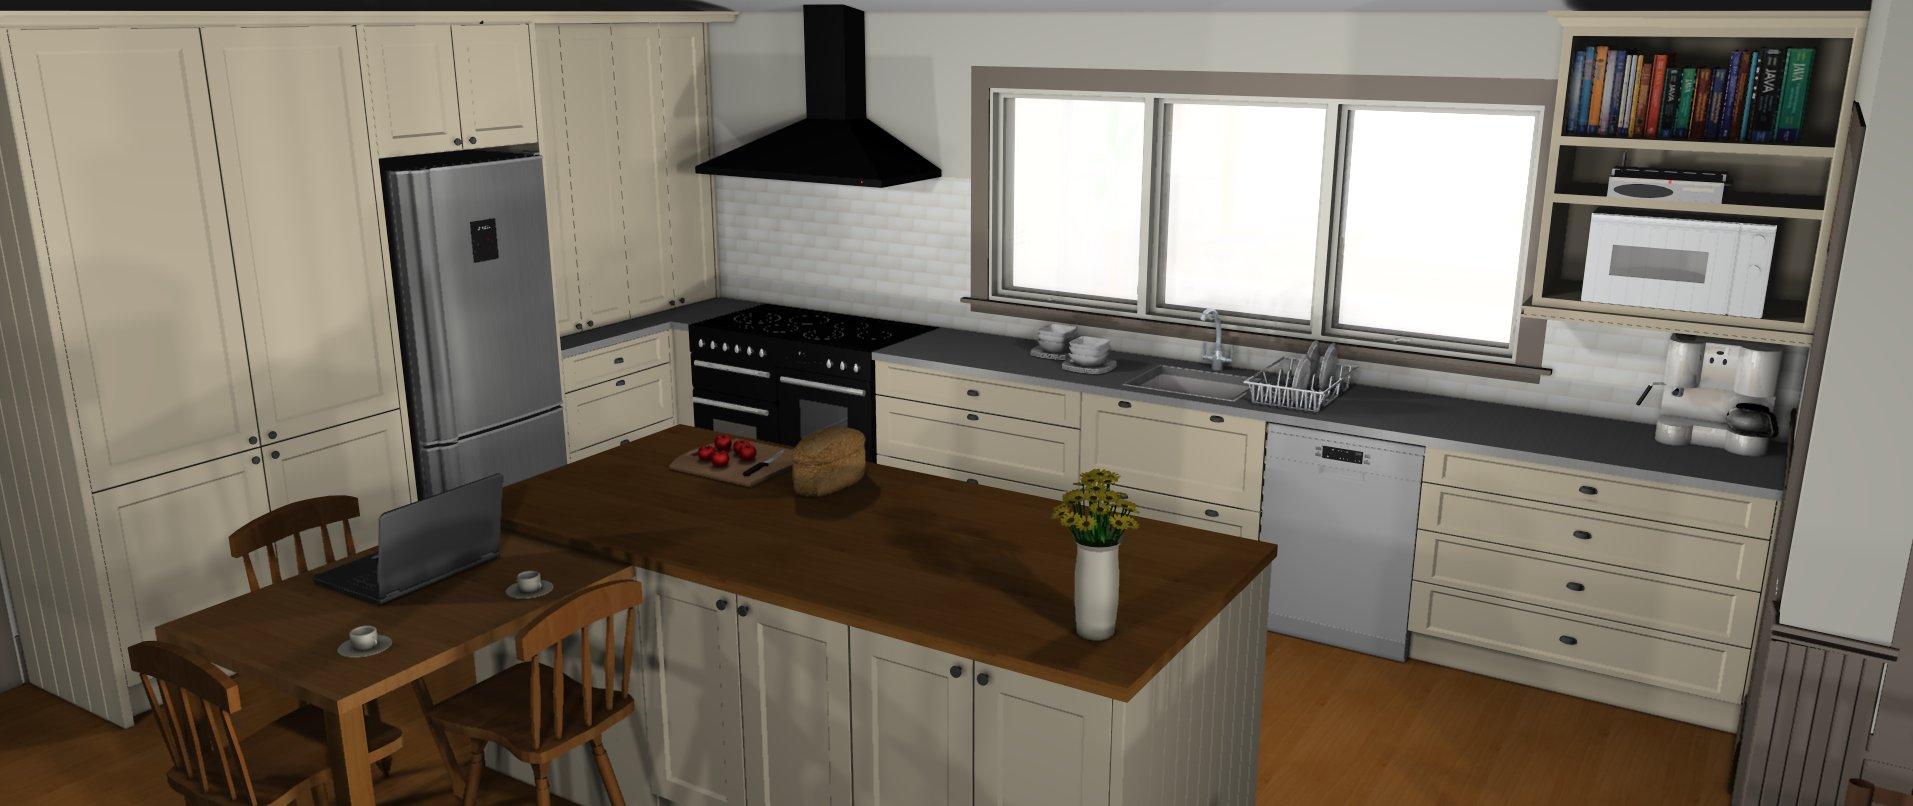 kitchen designs from rachel evans kitchen designer